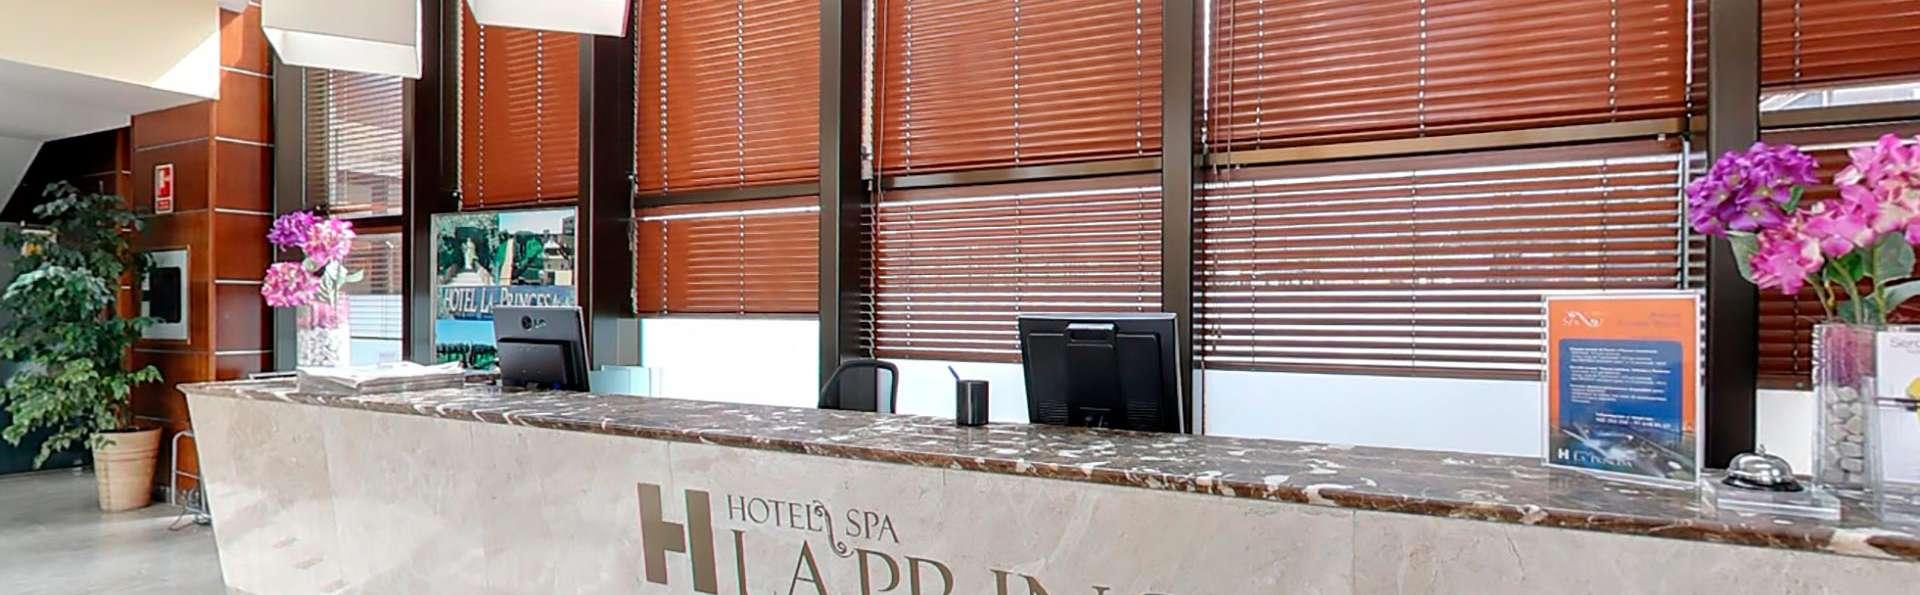 Escapada en un hotel con spa a 2 pasos de Madrid con desayuno incluido